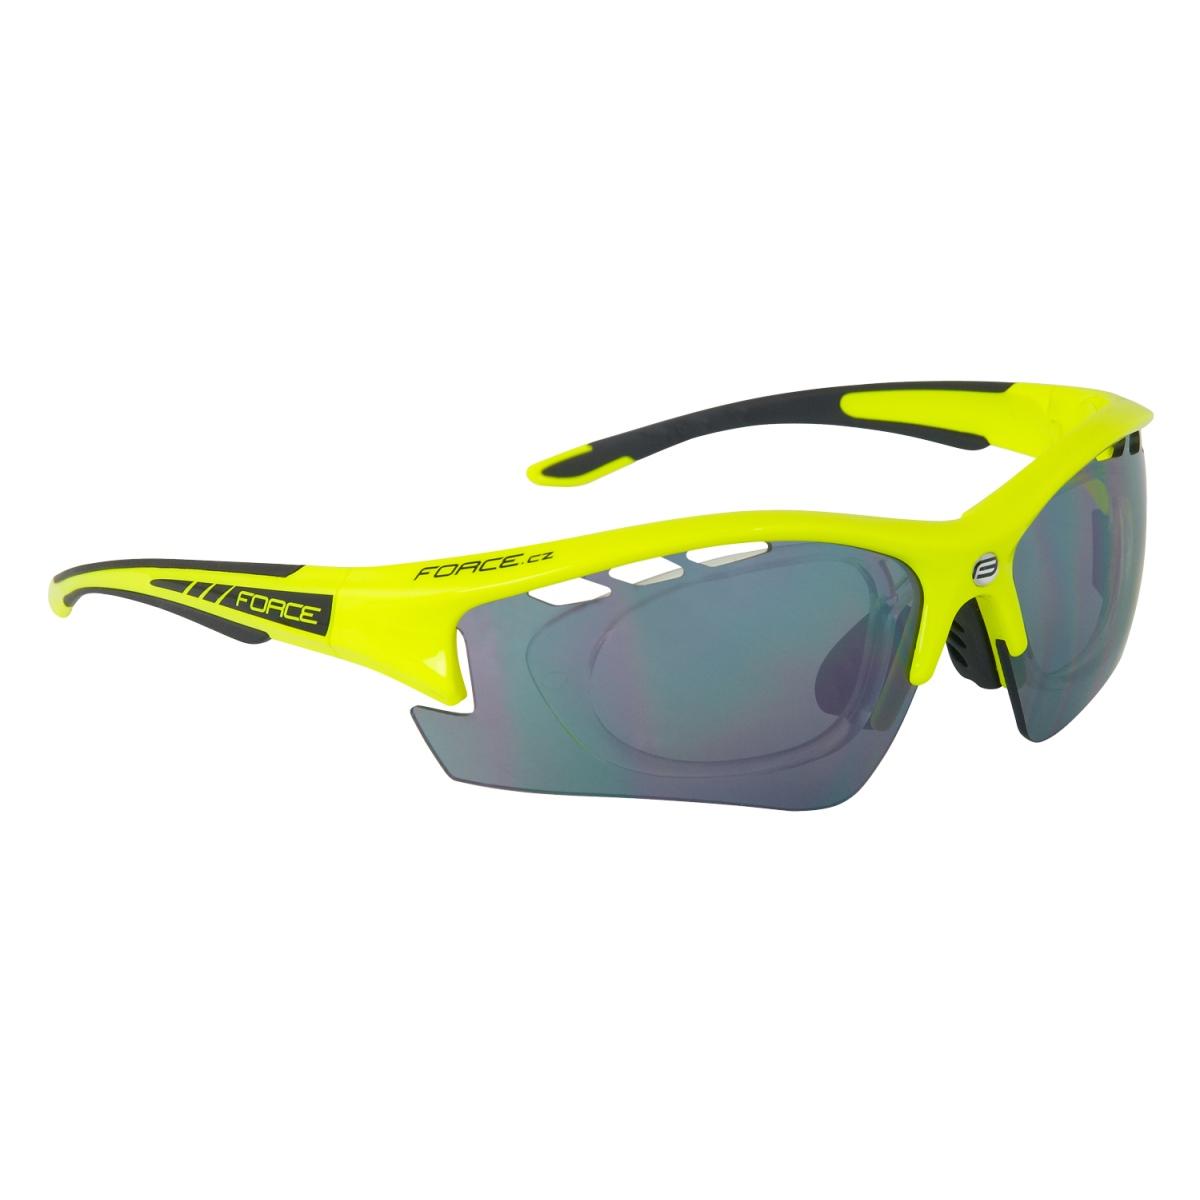 Brýle FORCE RIDE PRO fluo diop.klip,černá laser skla (sportovní brýle s diopt.klipem)